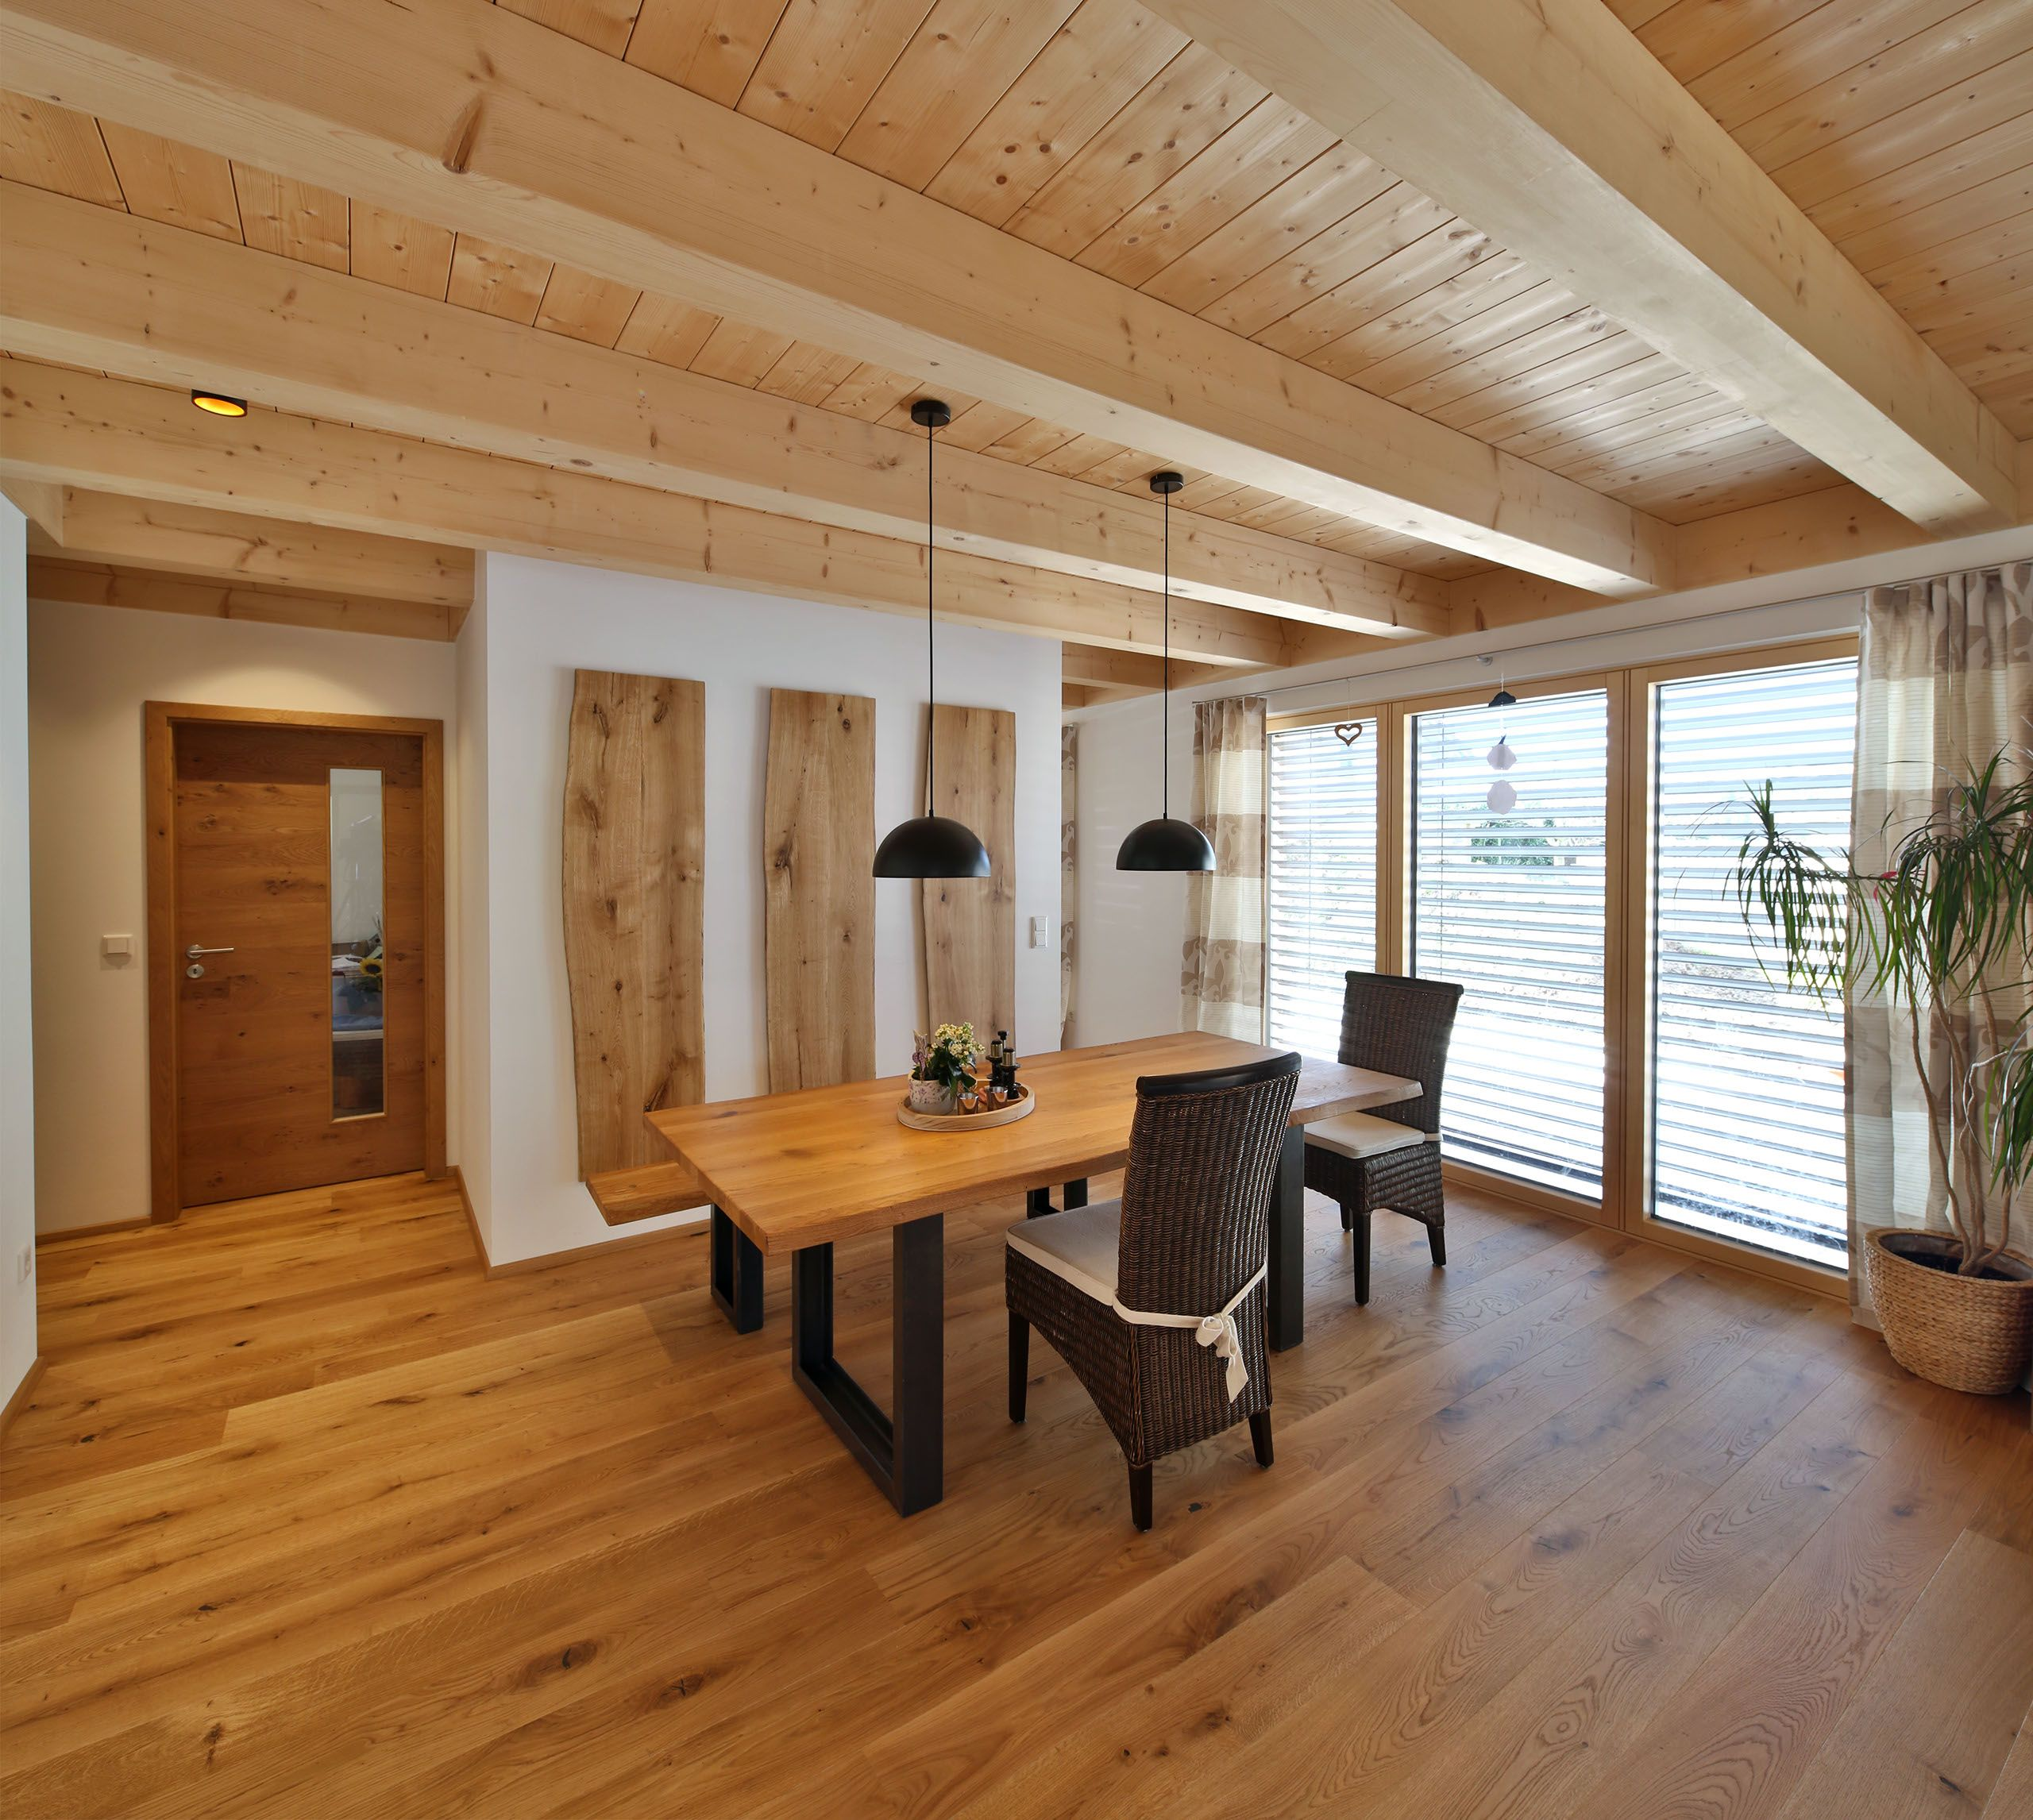 Sondermoning 1 Haus wohnzimmer, Haus innenarchitektur